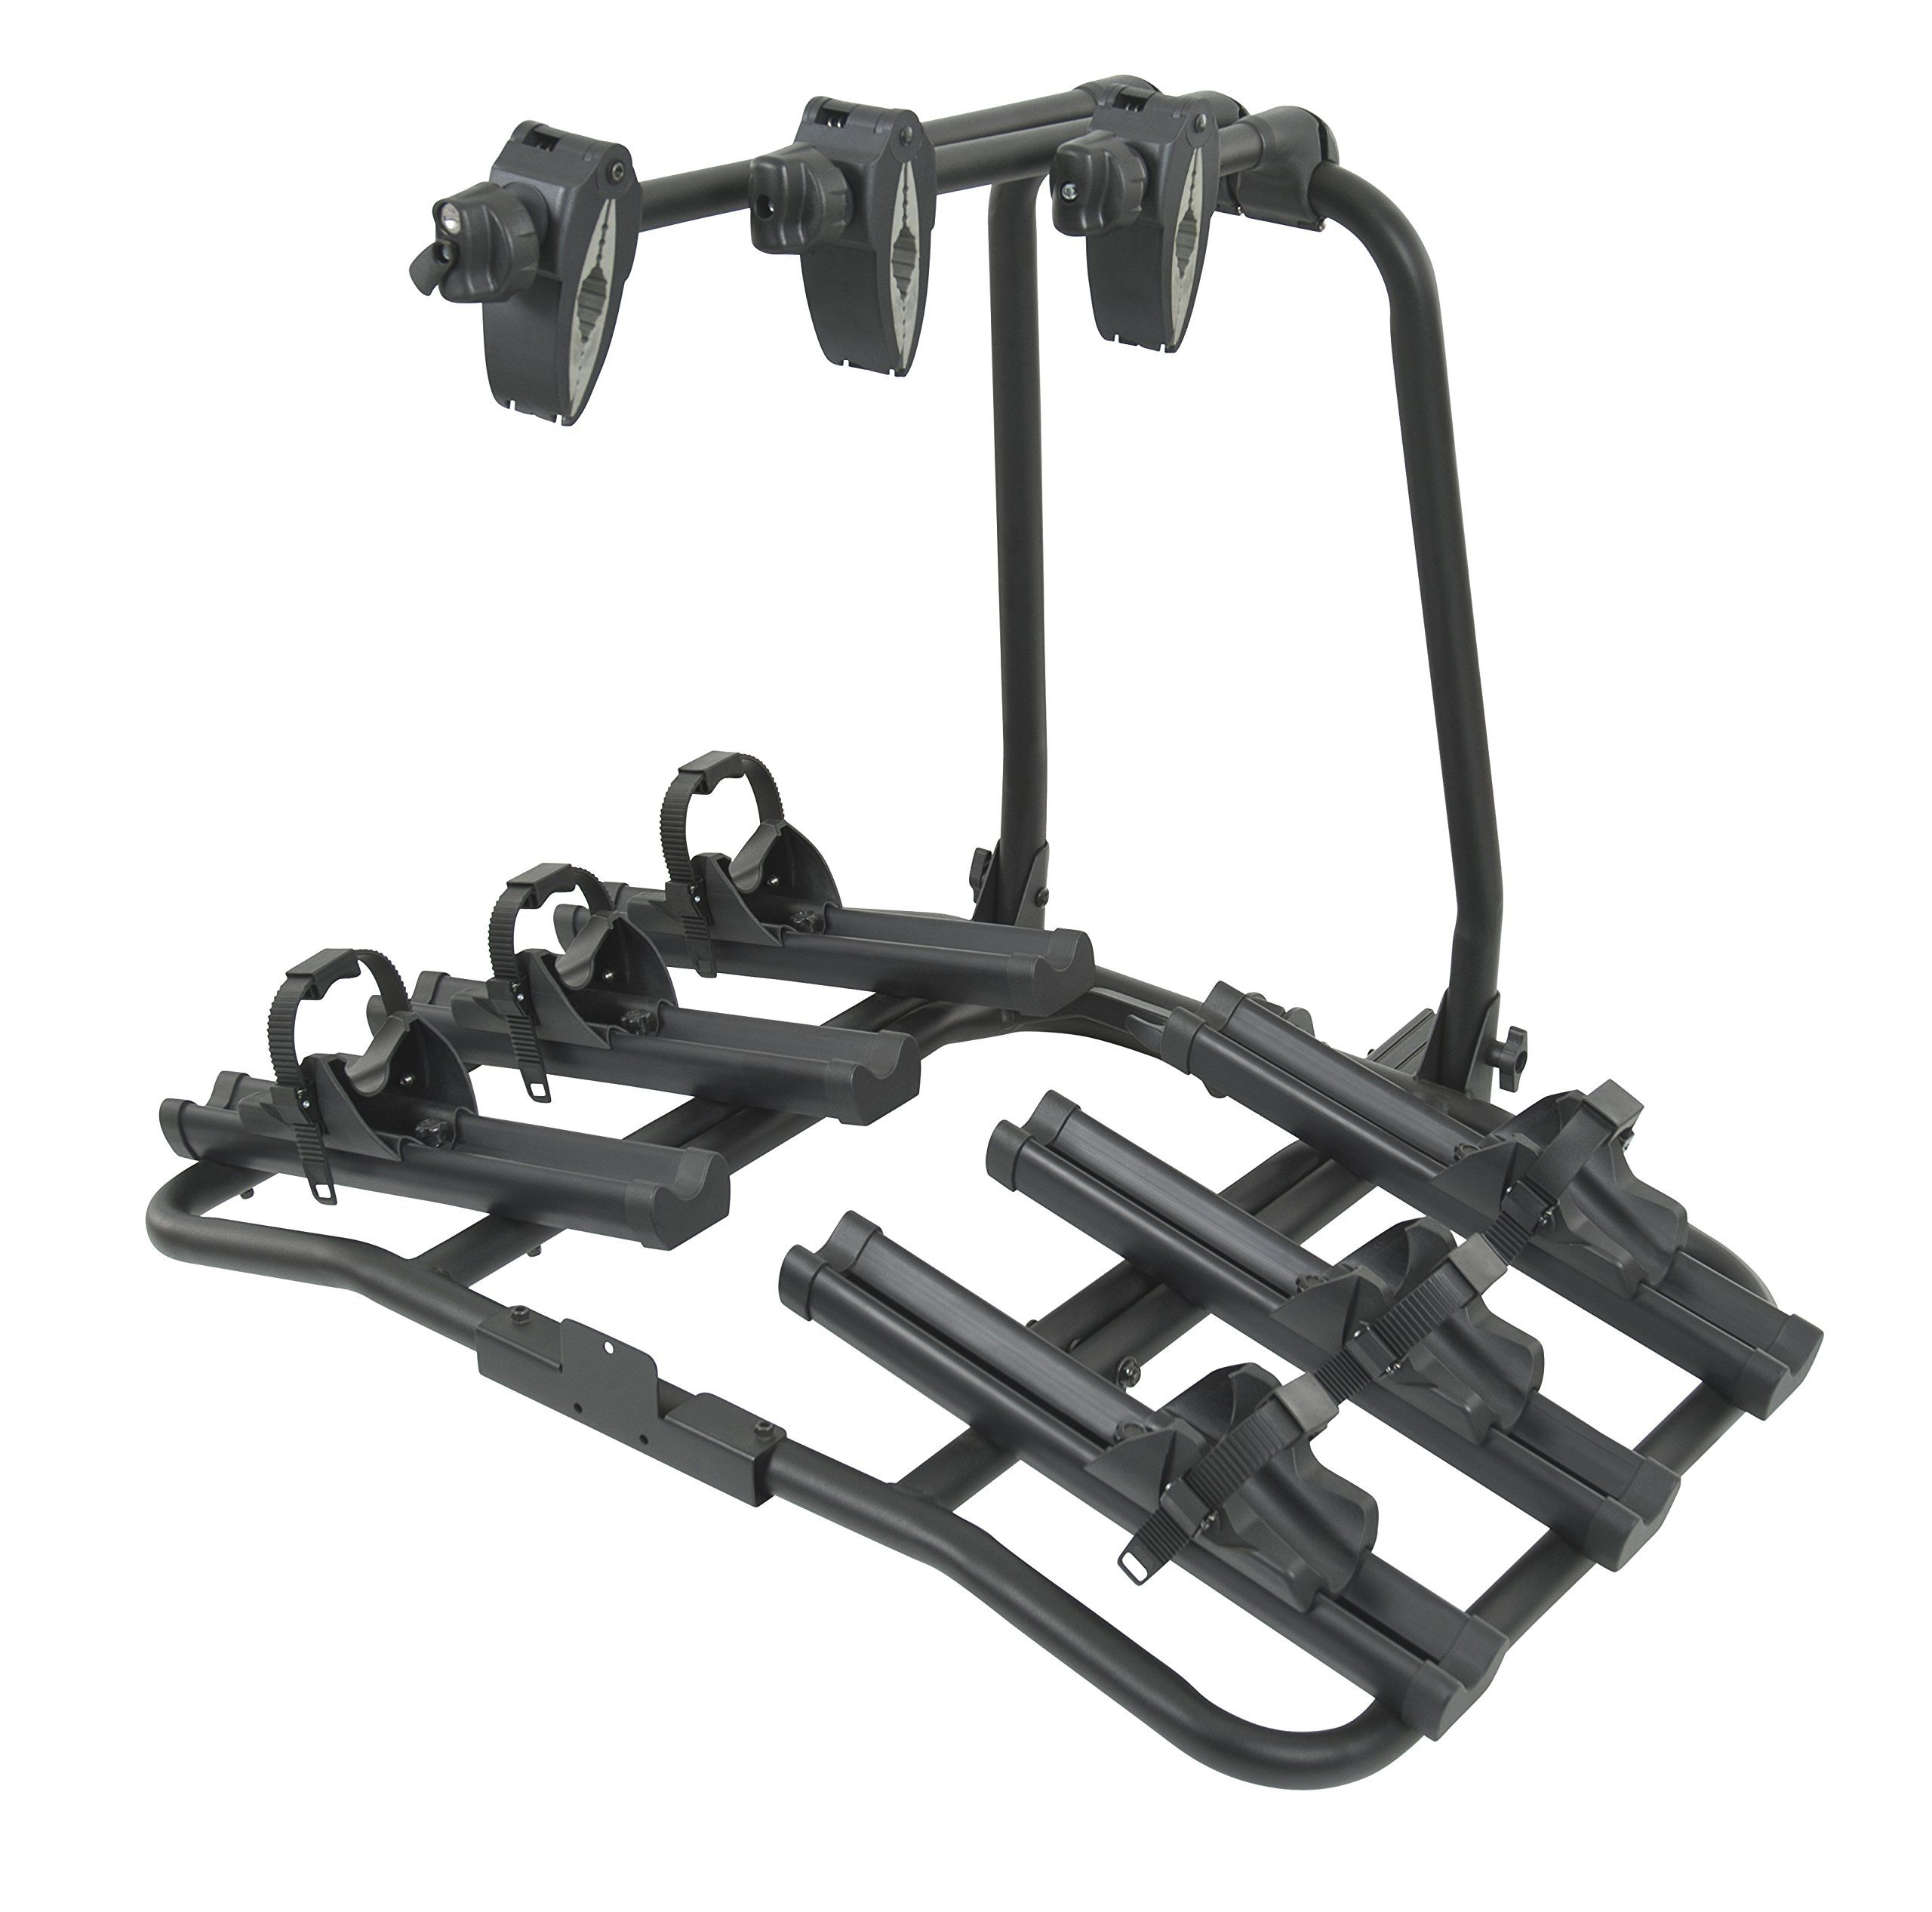 bike com longhaul outdoorplay yakima hitch specs rack